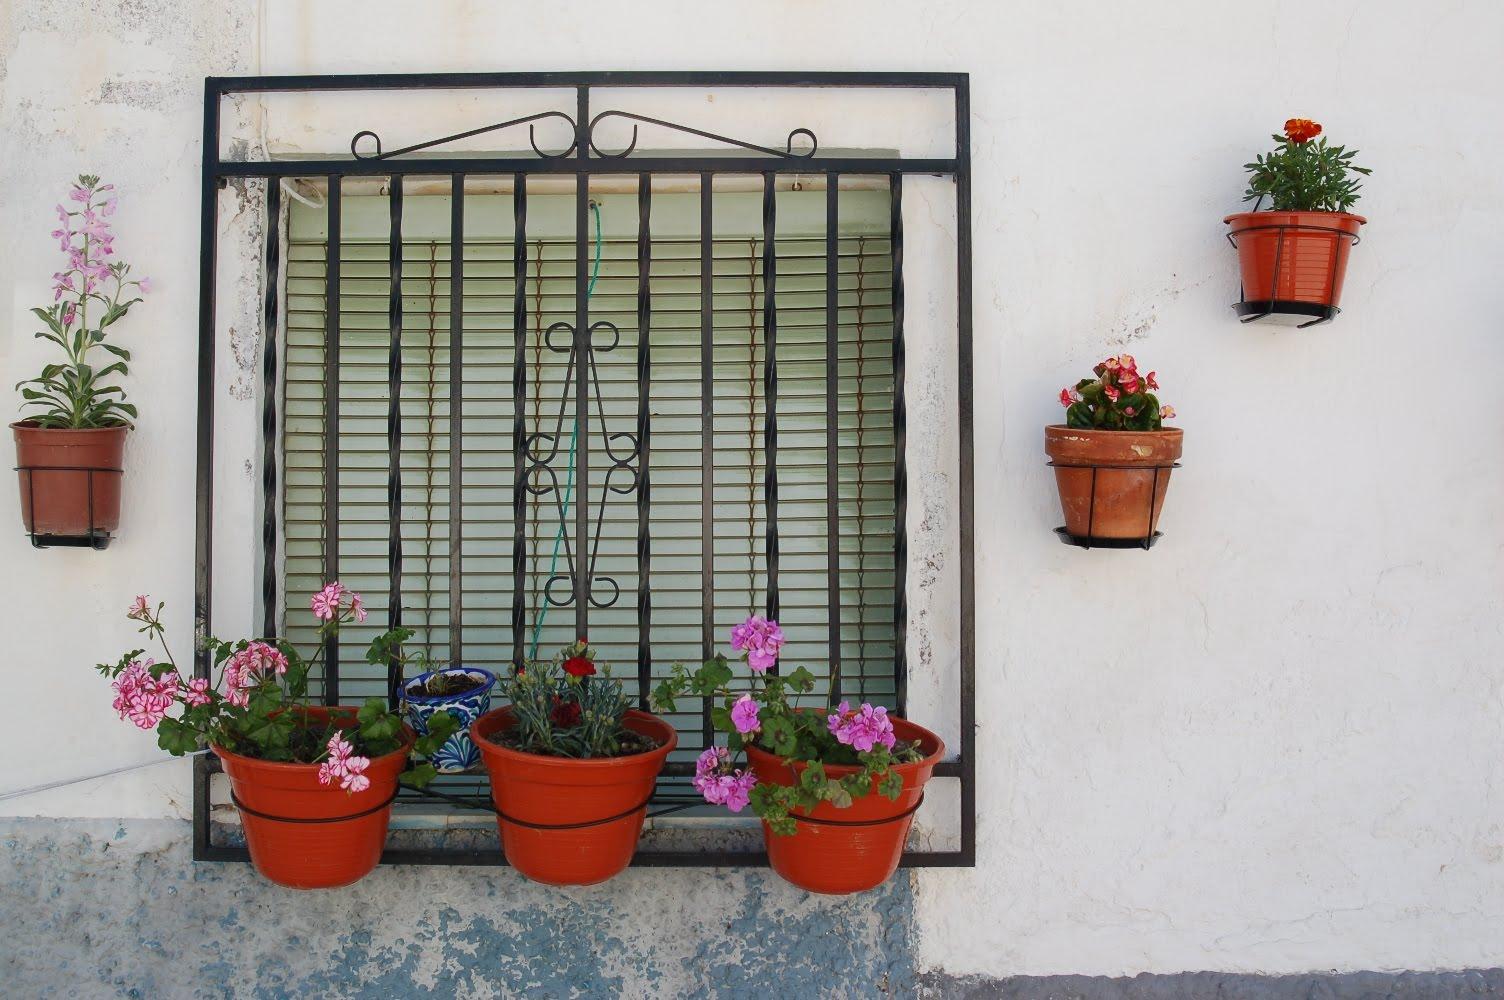 El blog de ma fachada de casa andaluza decorada con for Fotos de fachadas de casas andaluzas